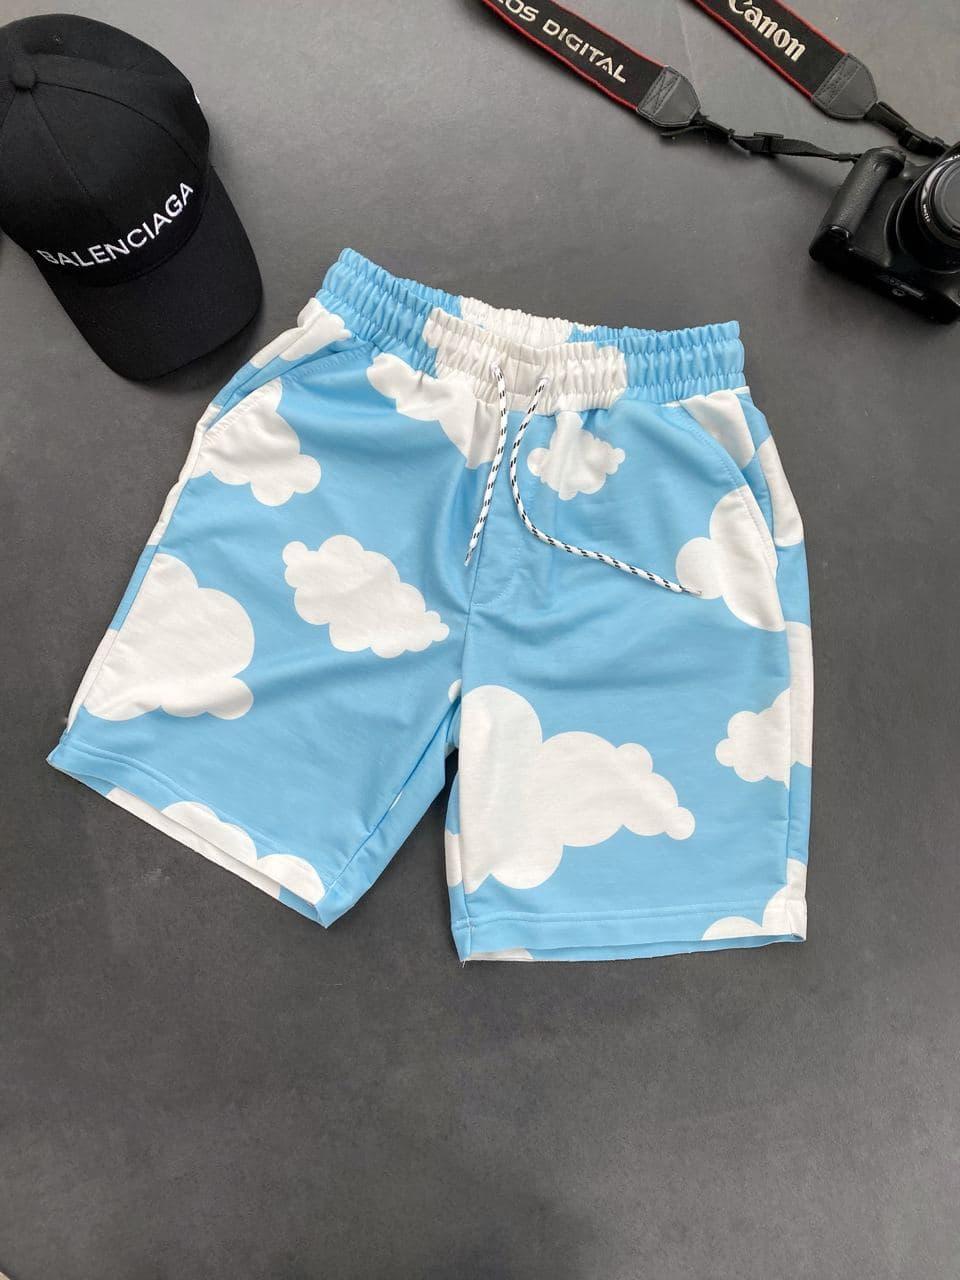 Мужские шорты с облаками (голубые) трикотажные на лето Sk49_шорты